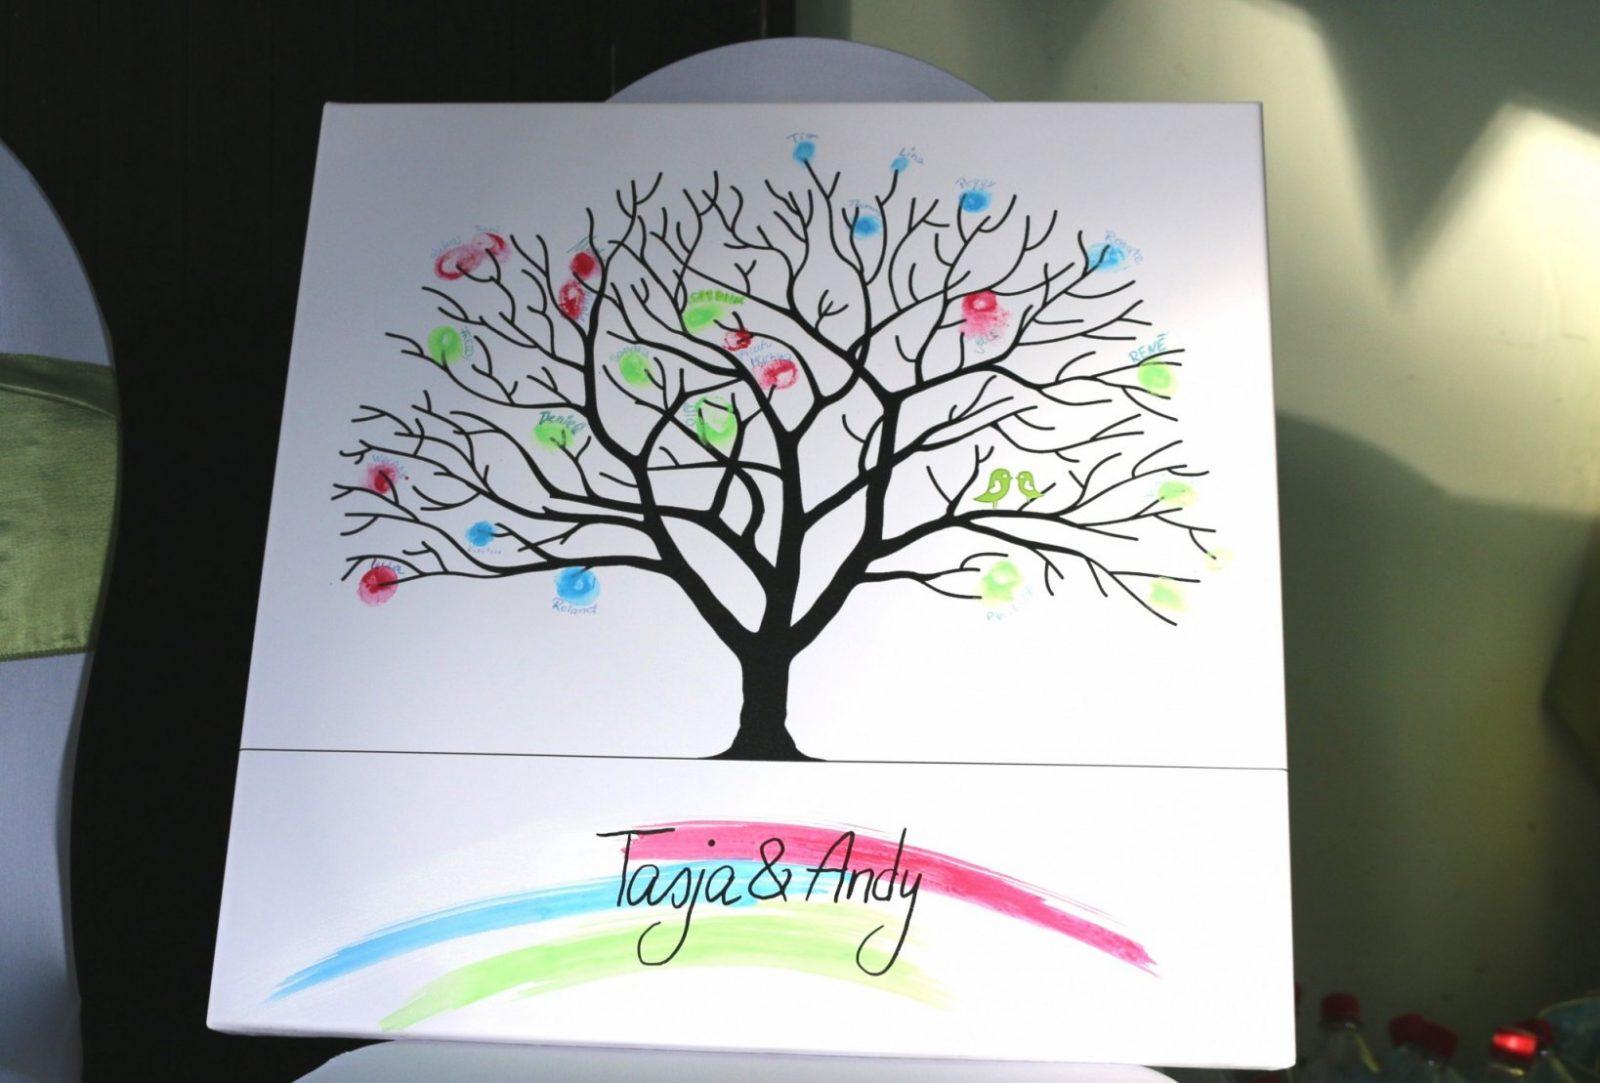 Hochzeitsbaum Auf Leinwand Selbst Gestalten von Kreative Bilder Selbst Gestalten Bild